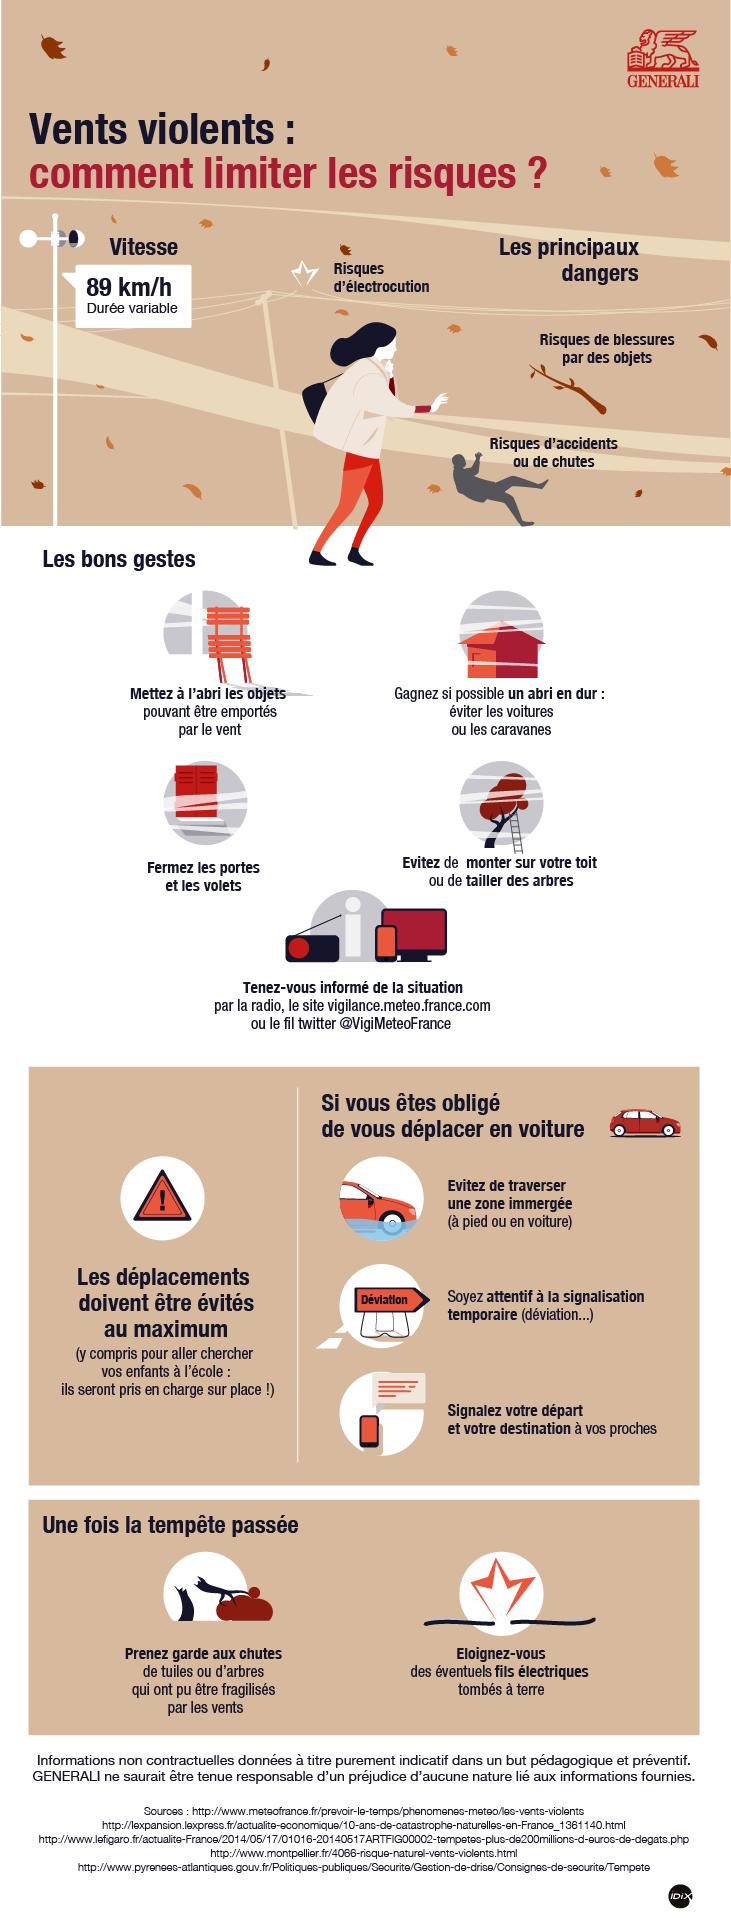 Alerte météo : Tempêtes ce week-end en France